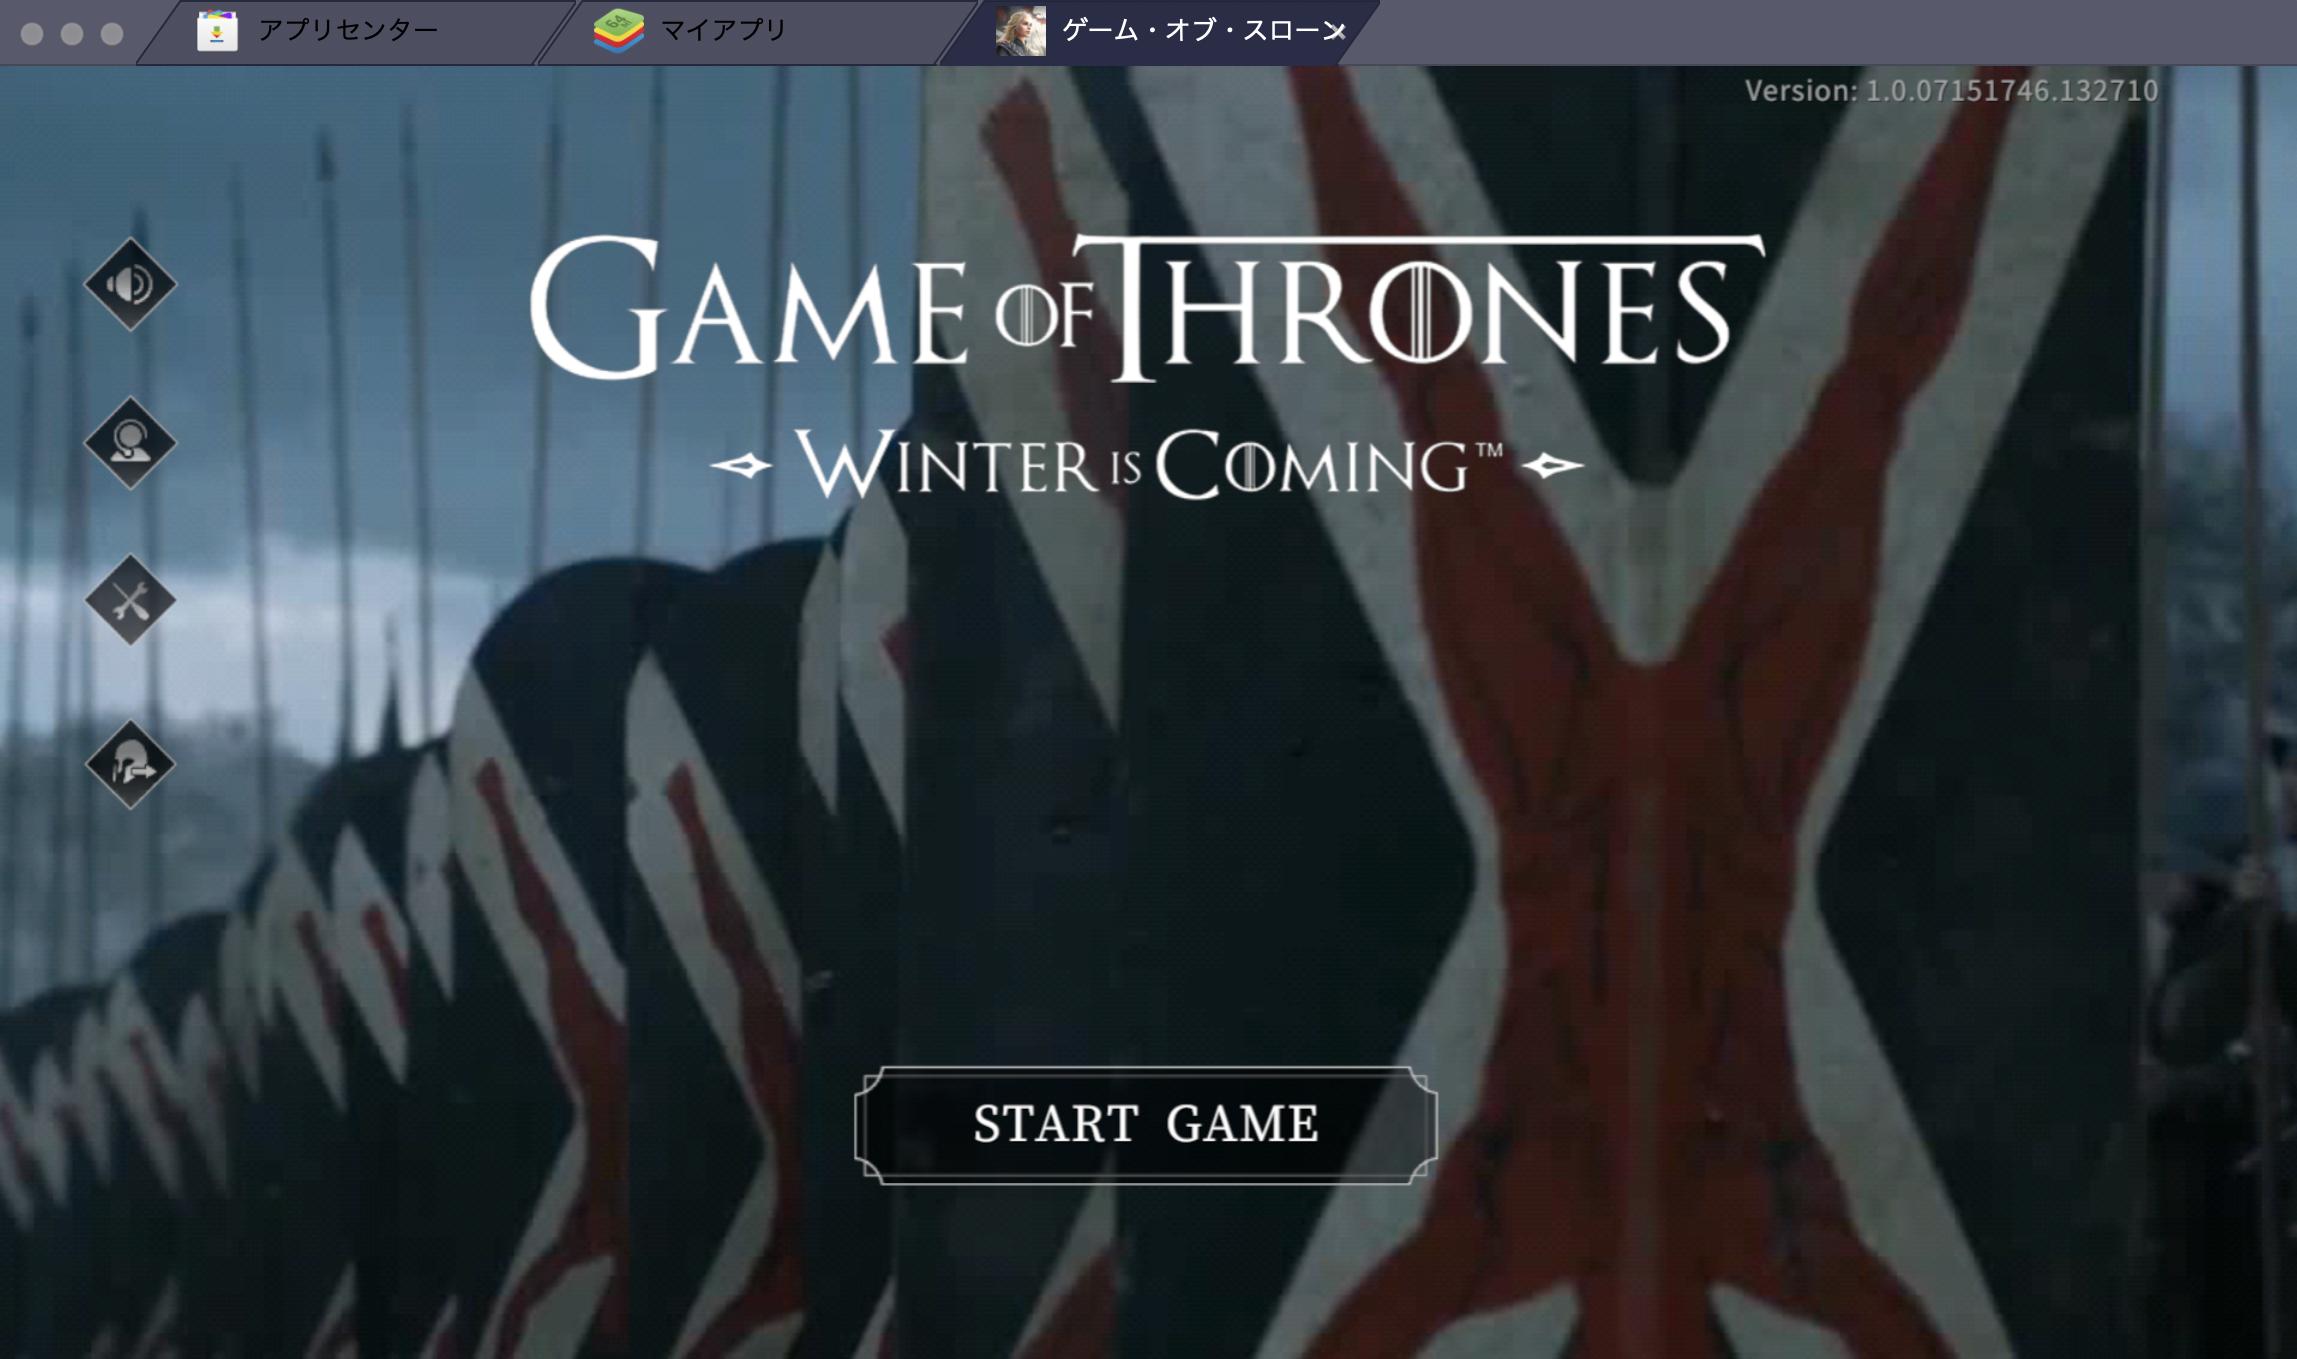 BlueStacksを使ってPCで『ゲーム・オブ・スローンズ-冬来たる』を遊ぼう